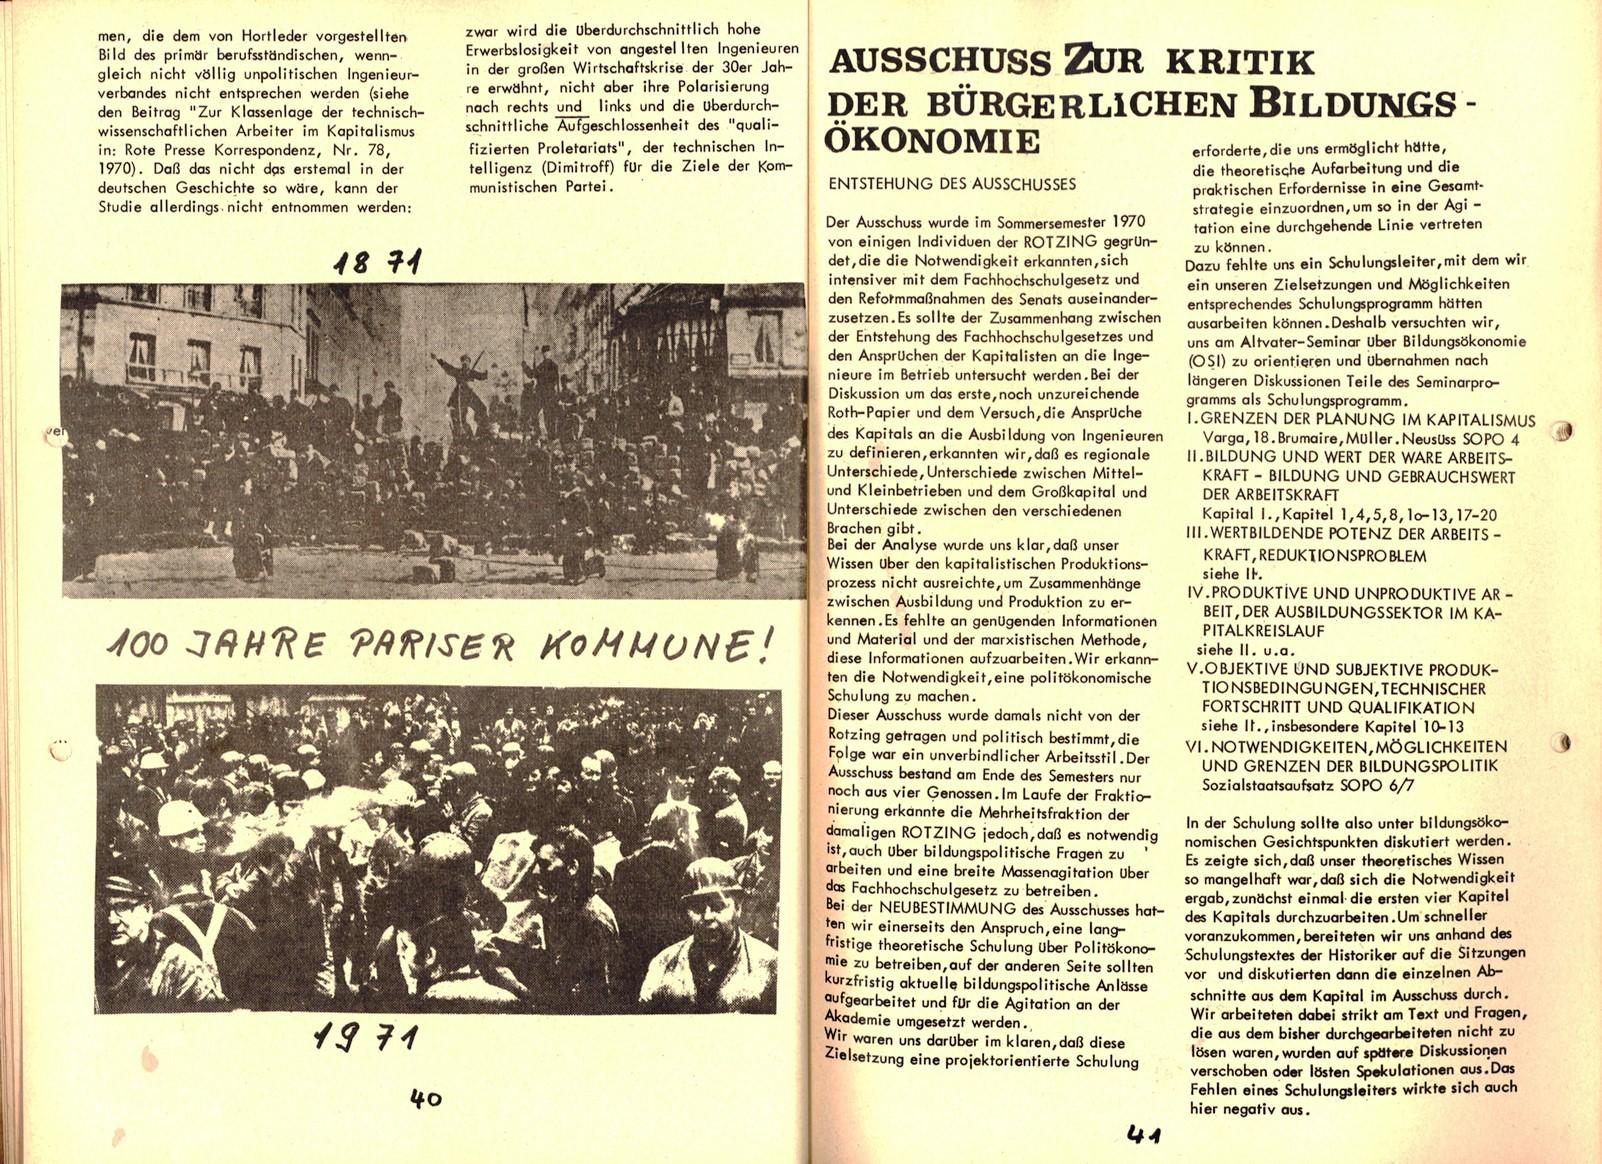 Berlin_Rotzing_1971_Kampfbericht_21